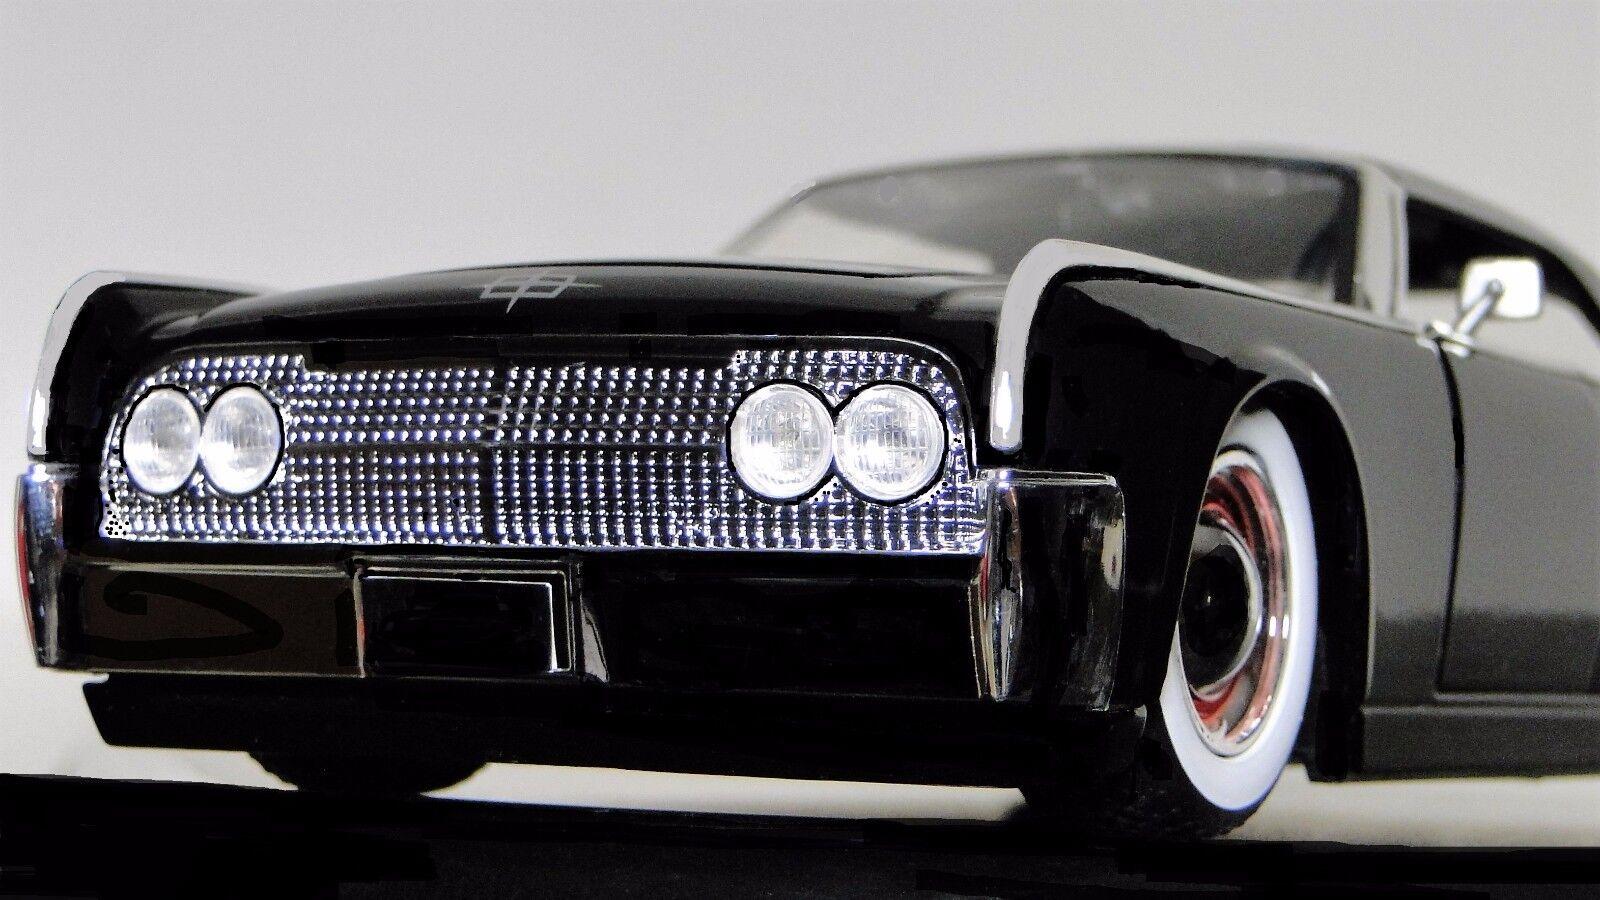 A Dream Car 1960s Ford Lincoln Mercury Merc 1961 1962 1 24 Concept 40 12 GT 18 T